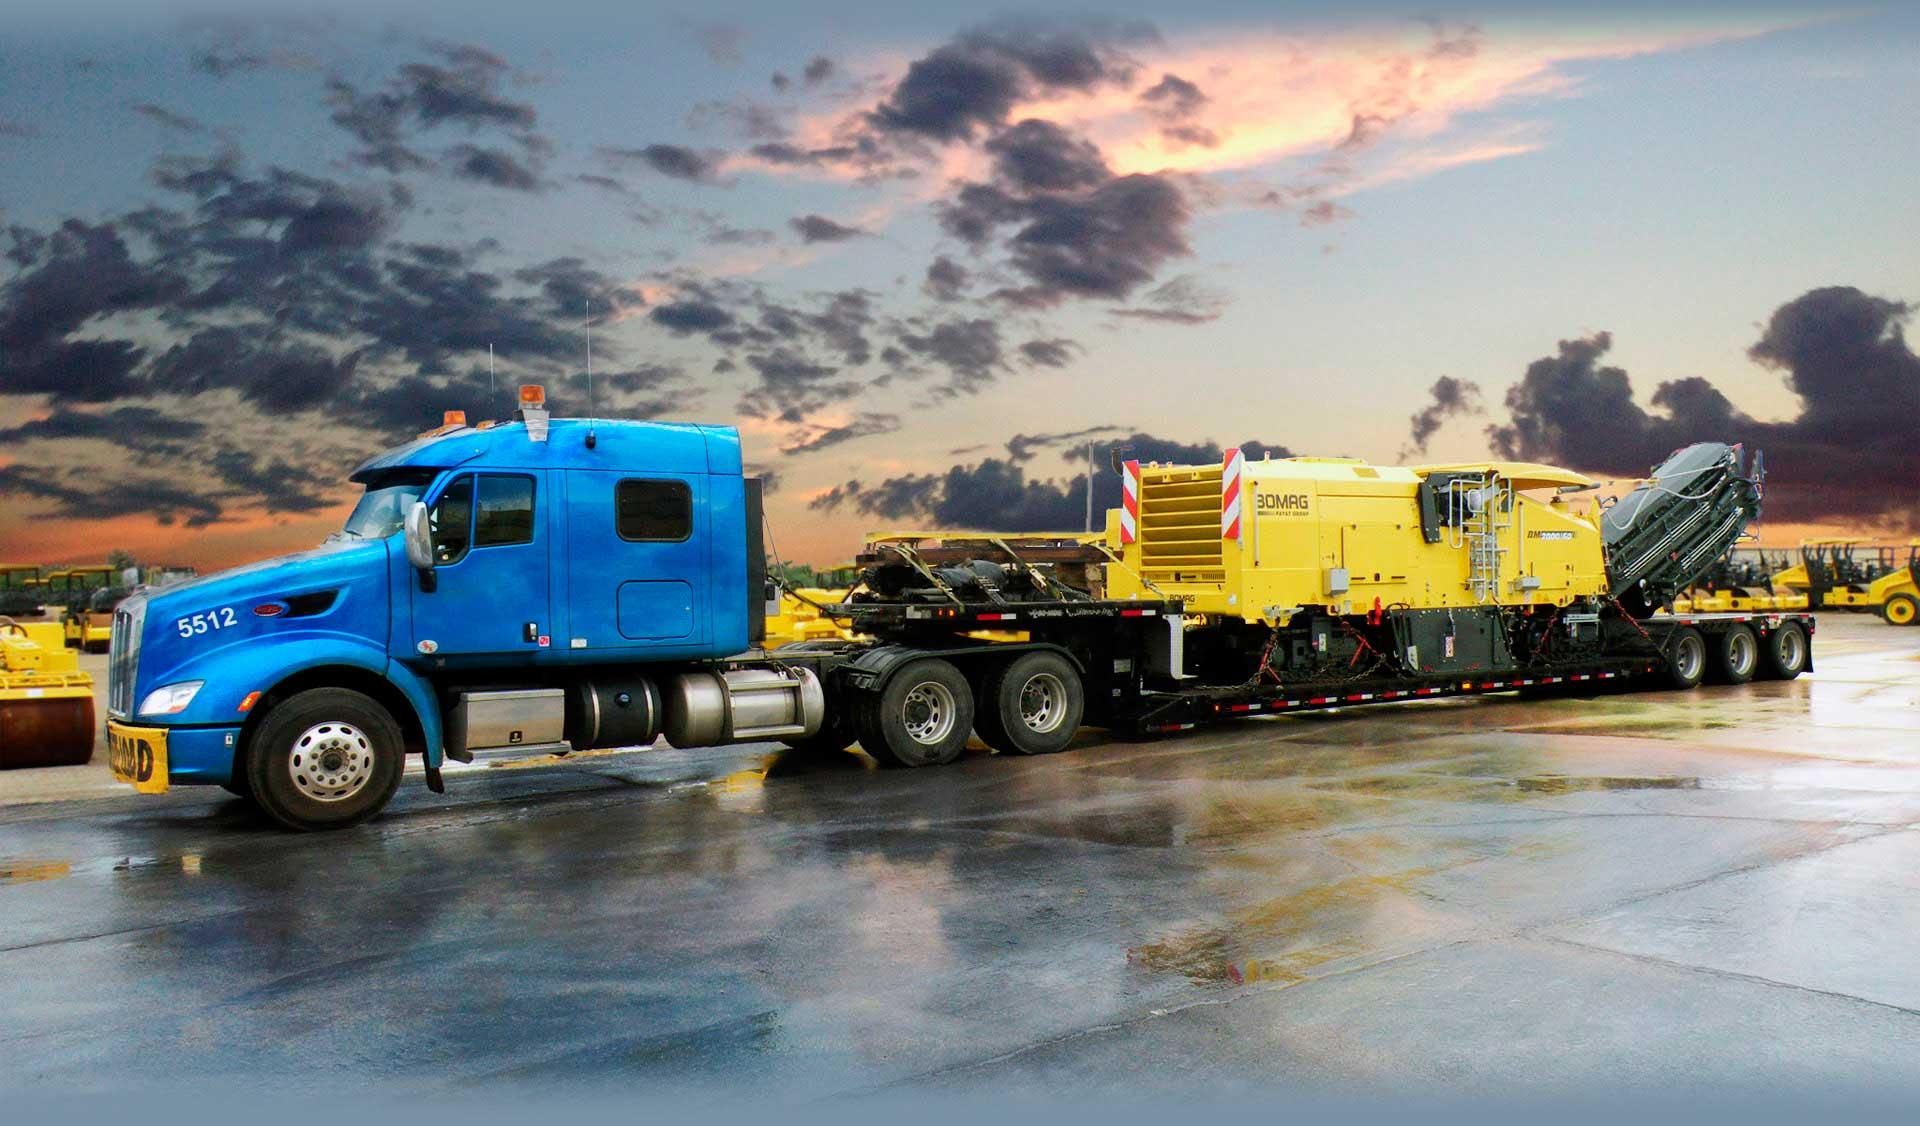 Доставка крупногабаритных грузов в Канаду из Украины